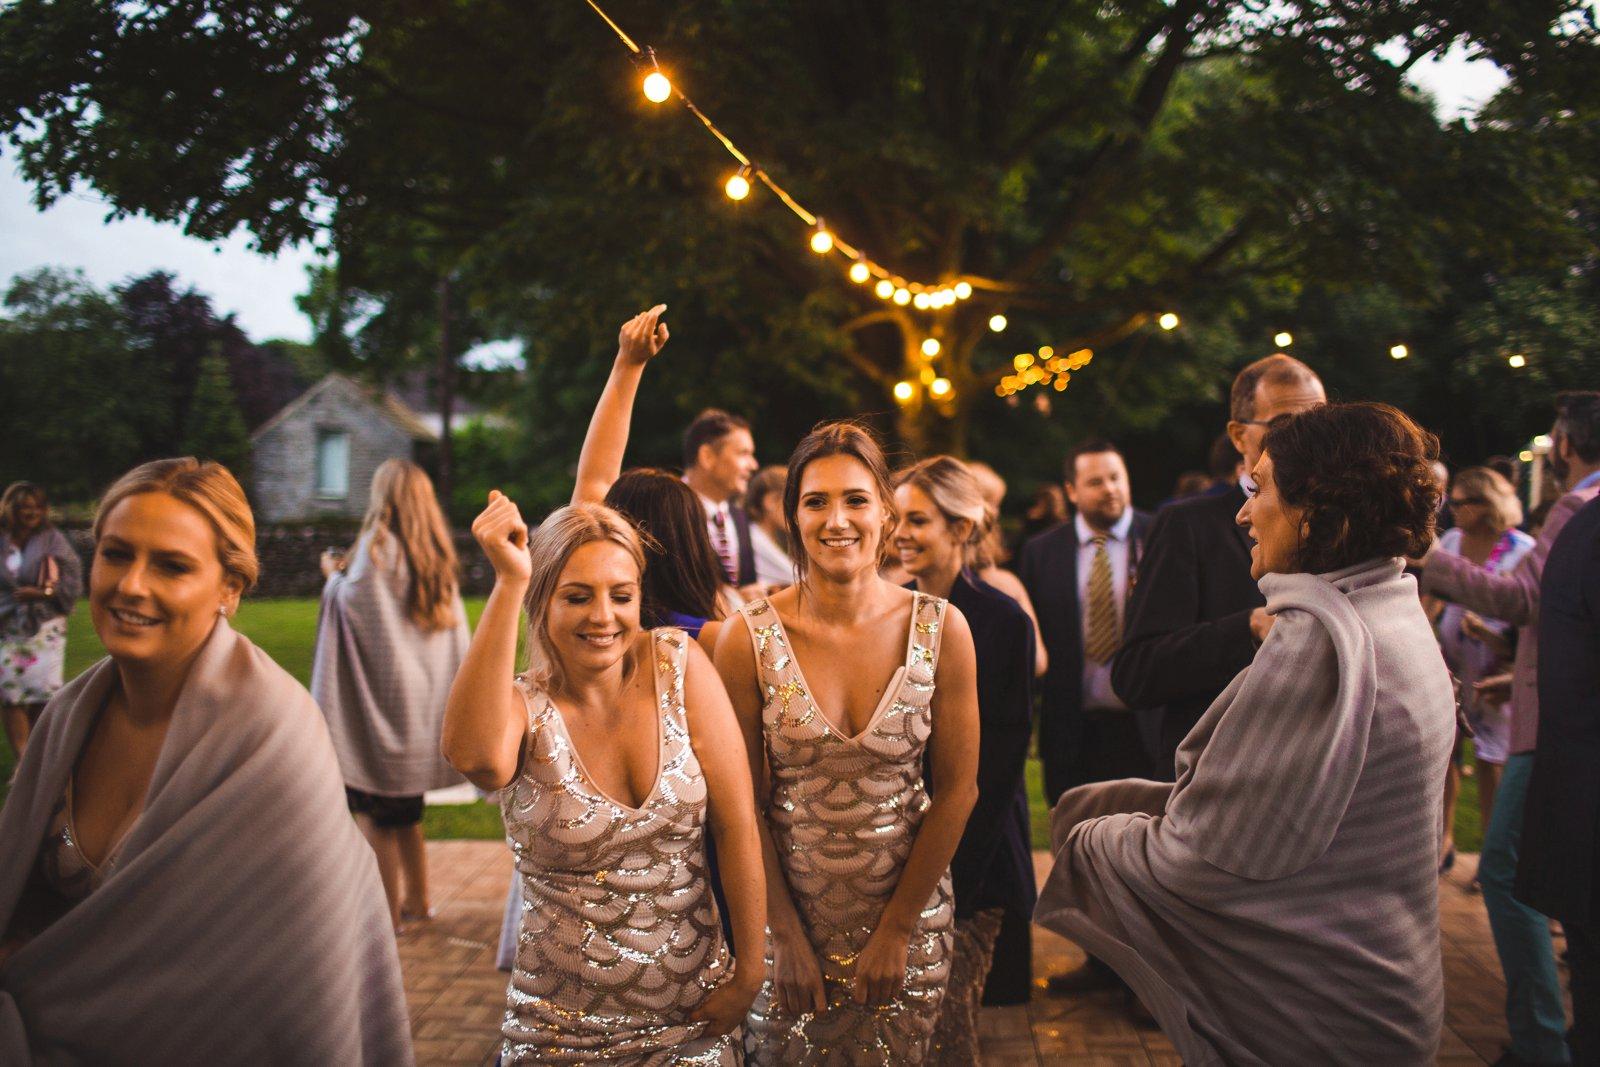 outdoor wedding in England